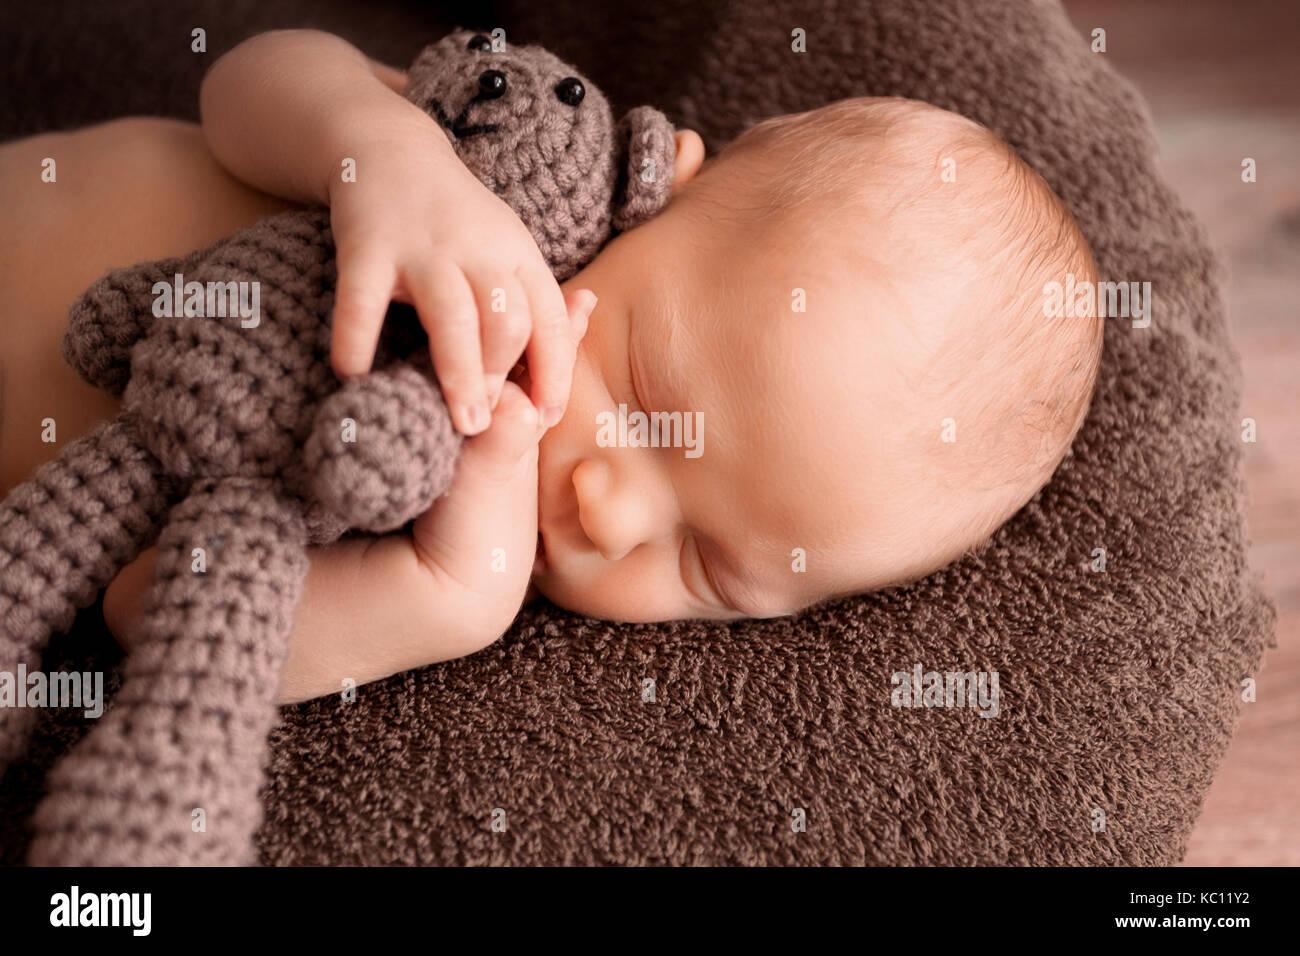 Neugeborene schlafen in einem schönen Stellen mit einem kleinen Bären Stockbild